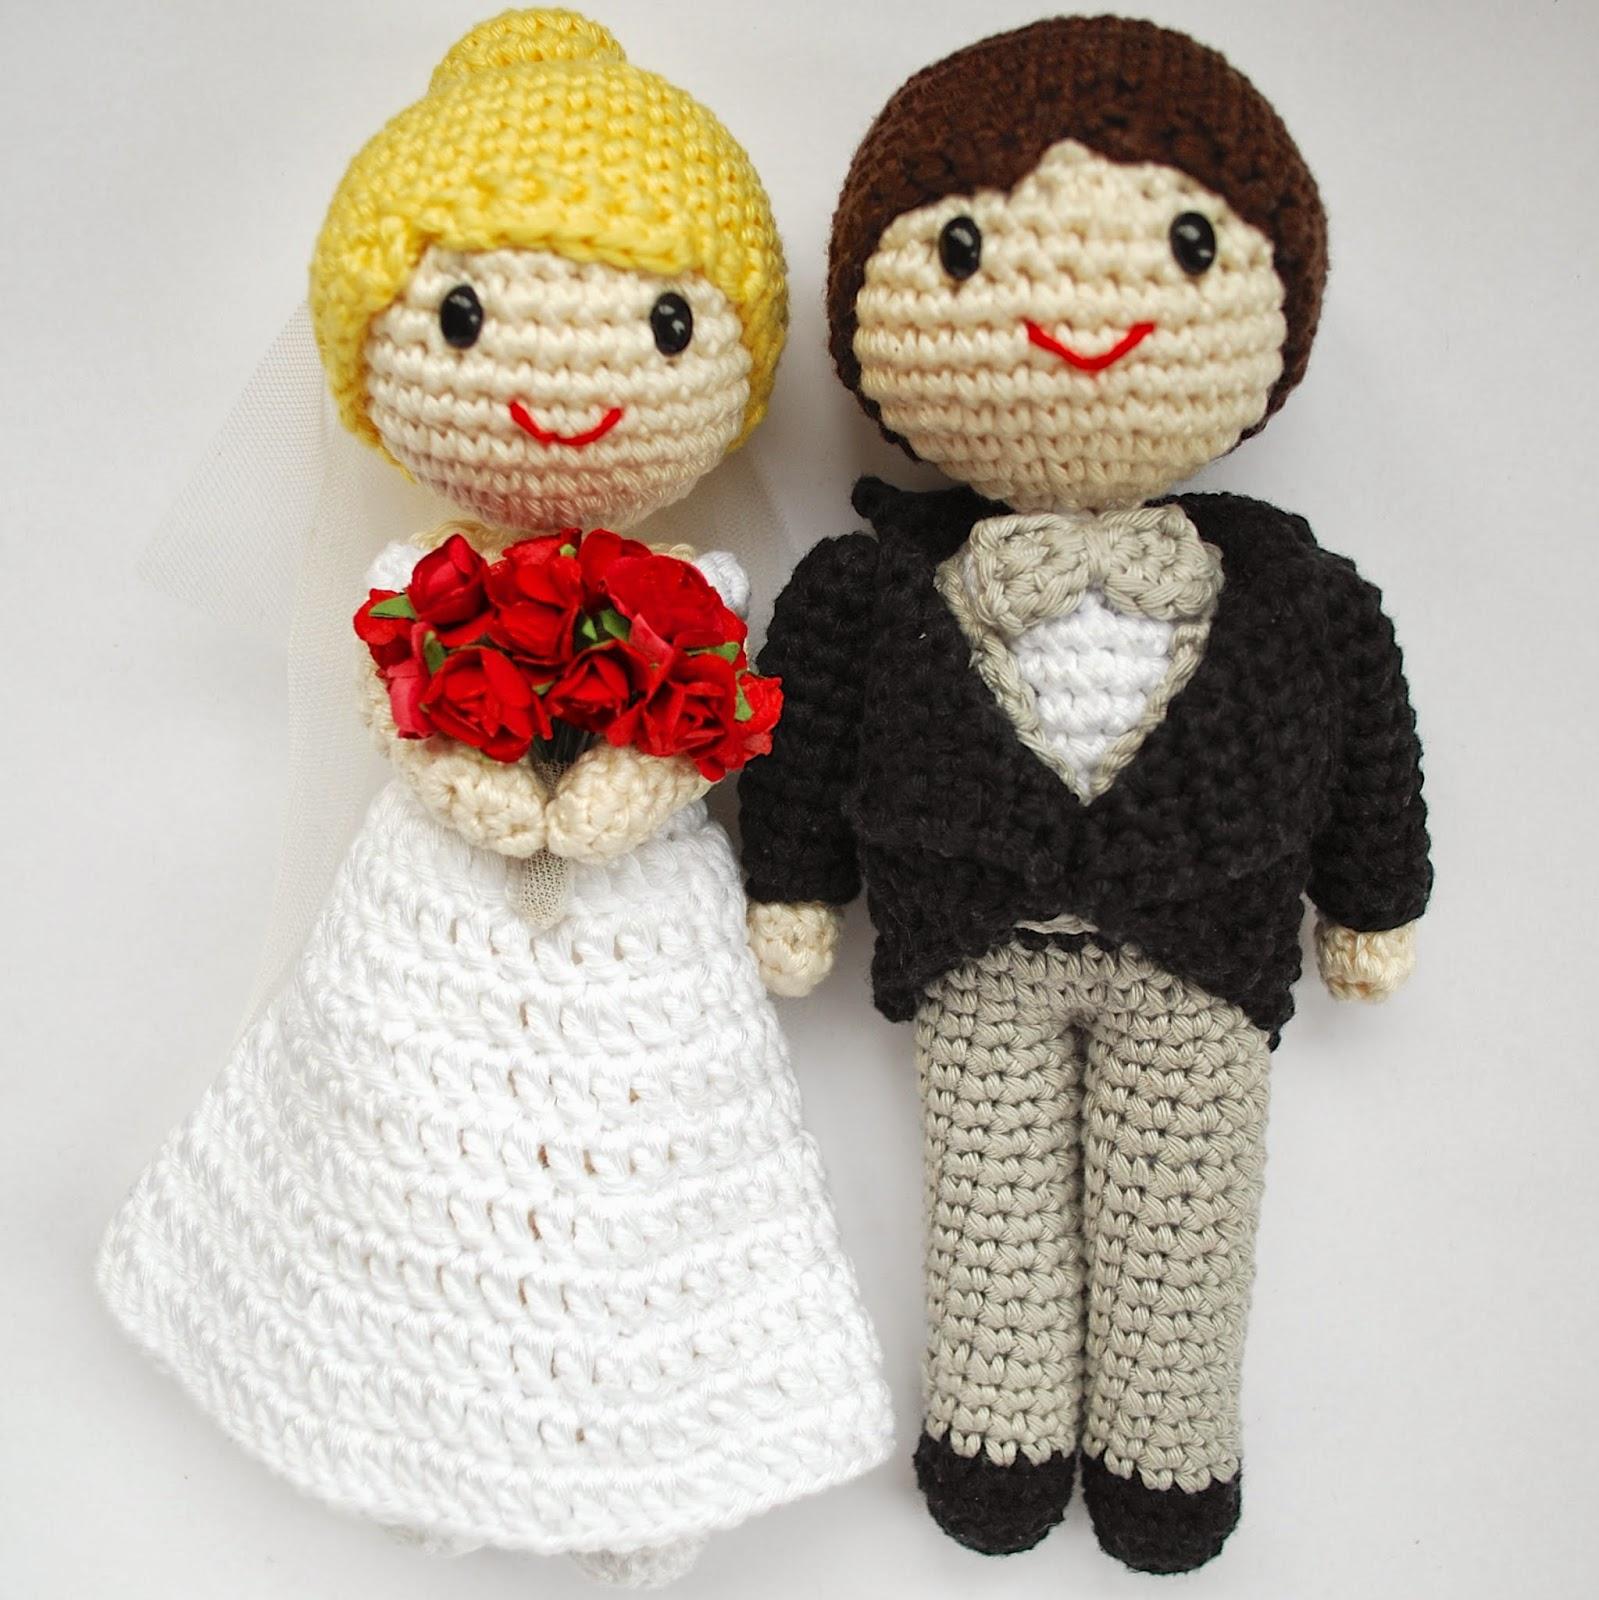 Crocheting Que Es : Crafteando, que es gerundio: Patron de los novios de amigurumi